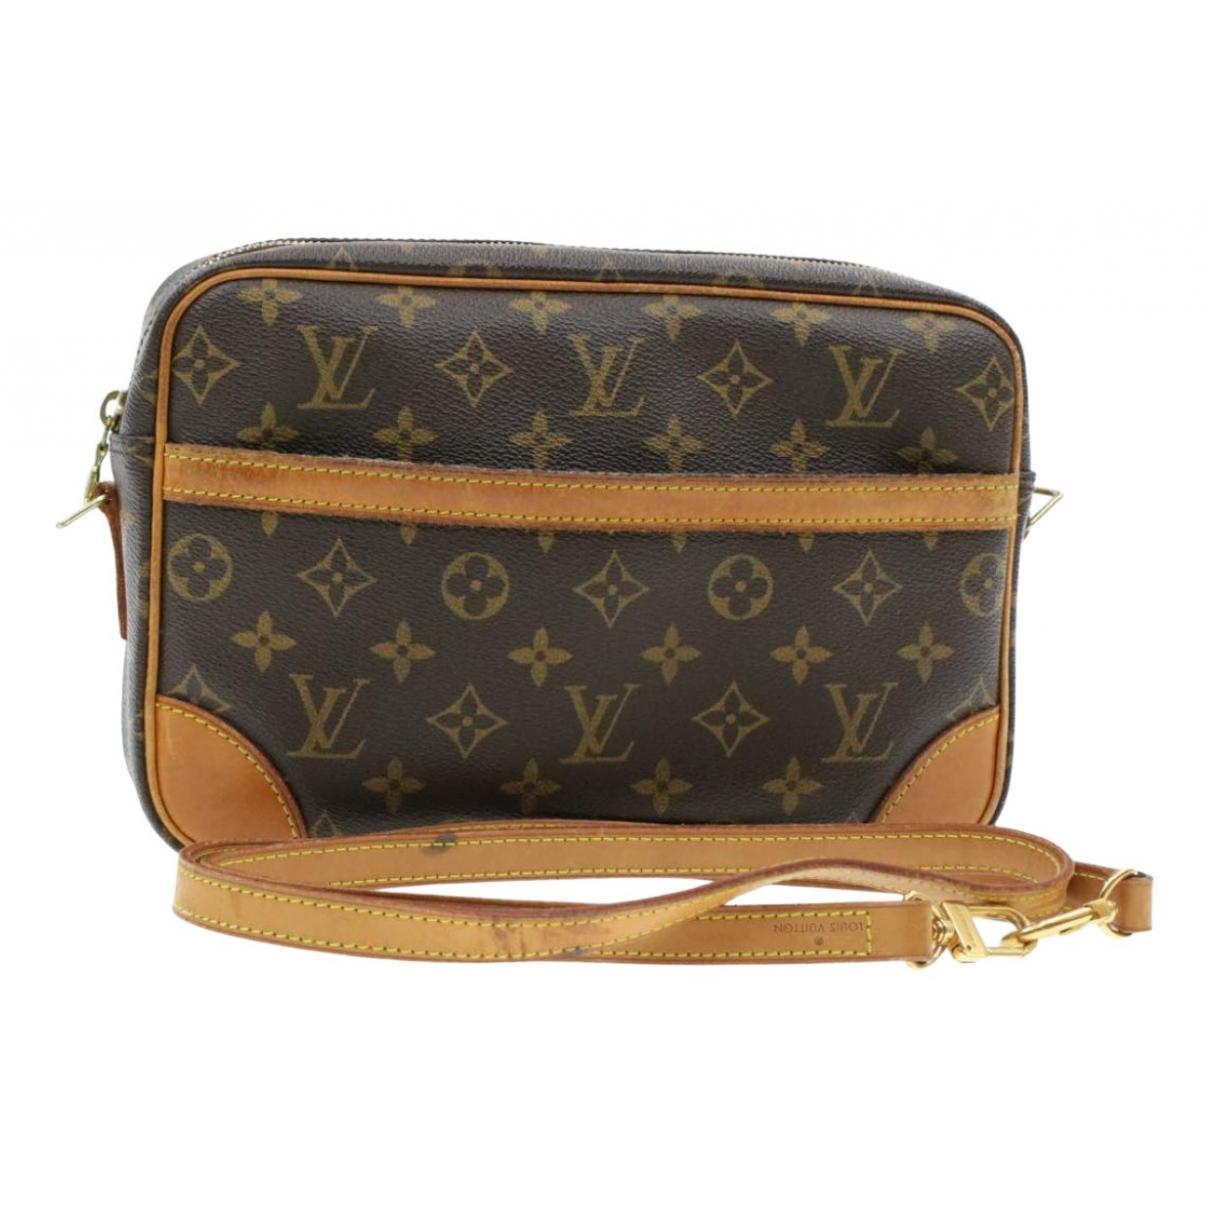 Louis Vuitton Trocadero Handtasche in  Braun Leinen